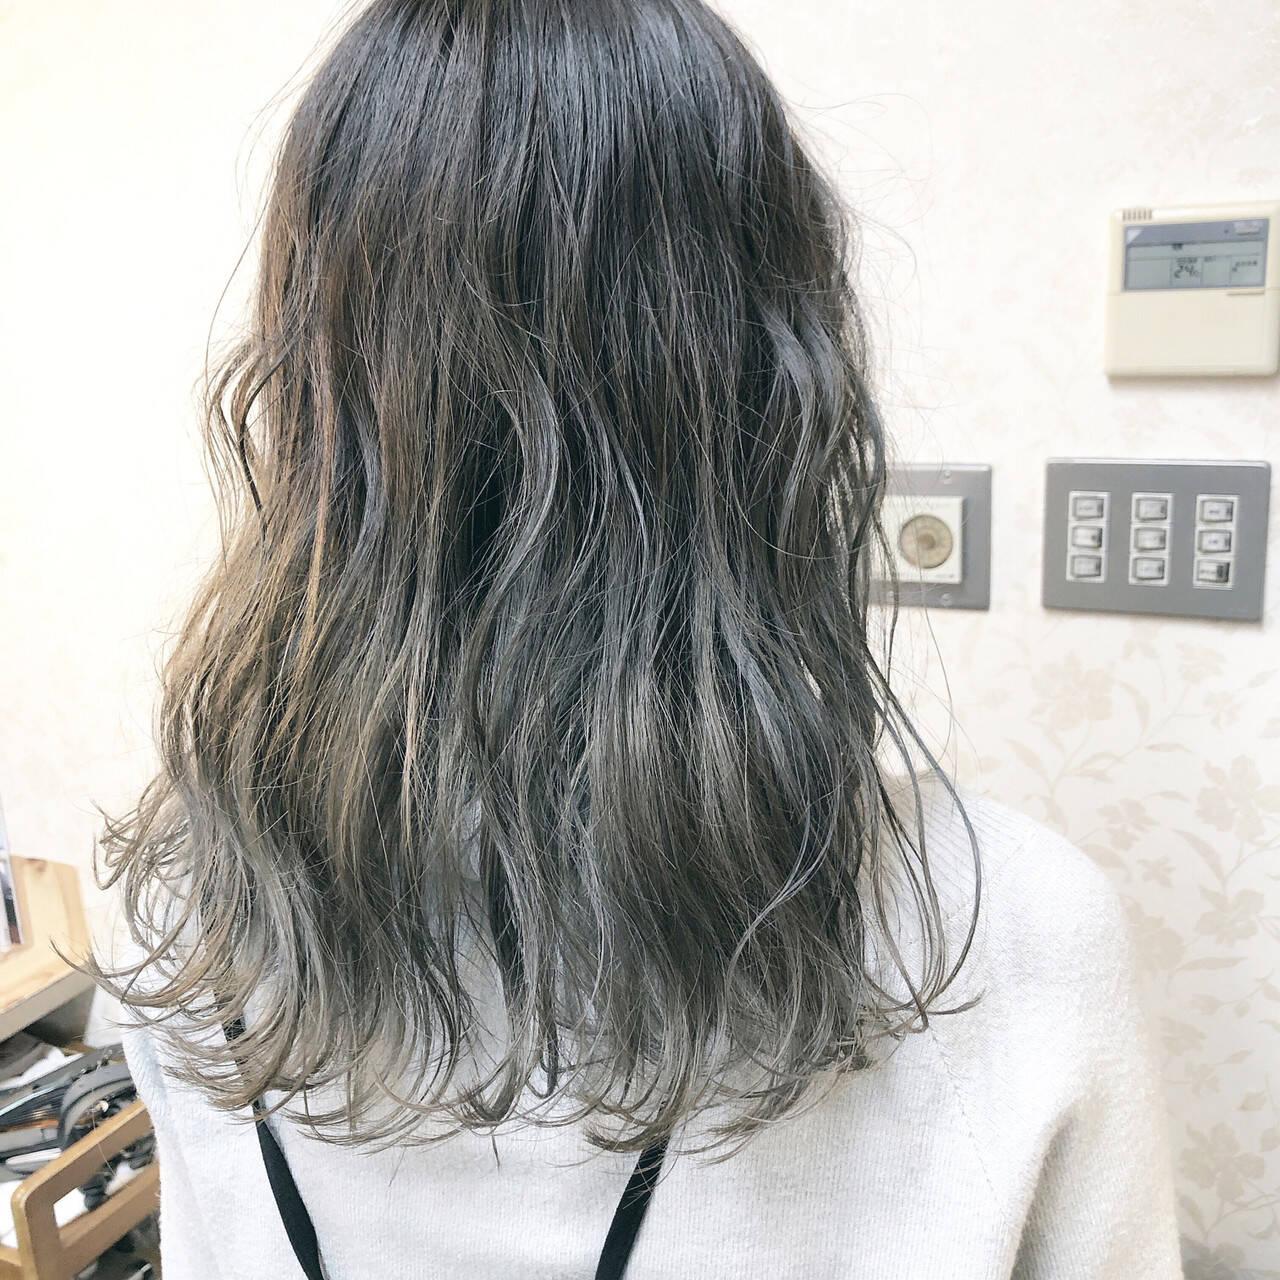 アッシュグラデーション アディクシーカラー ナチュラル グラデーションヘアスタイルや髪型の写真・画像